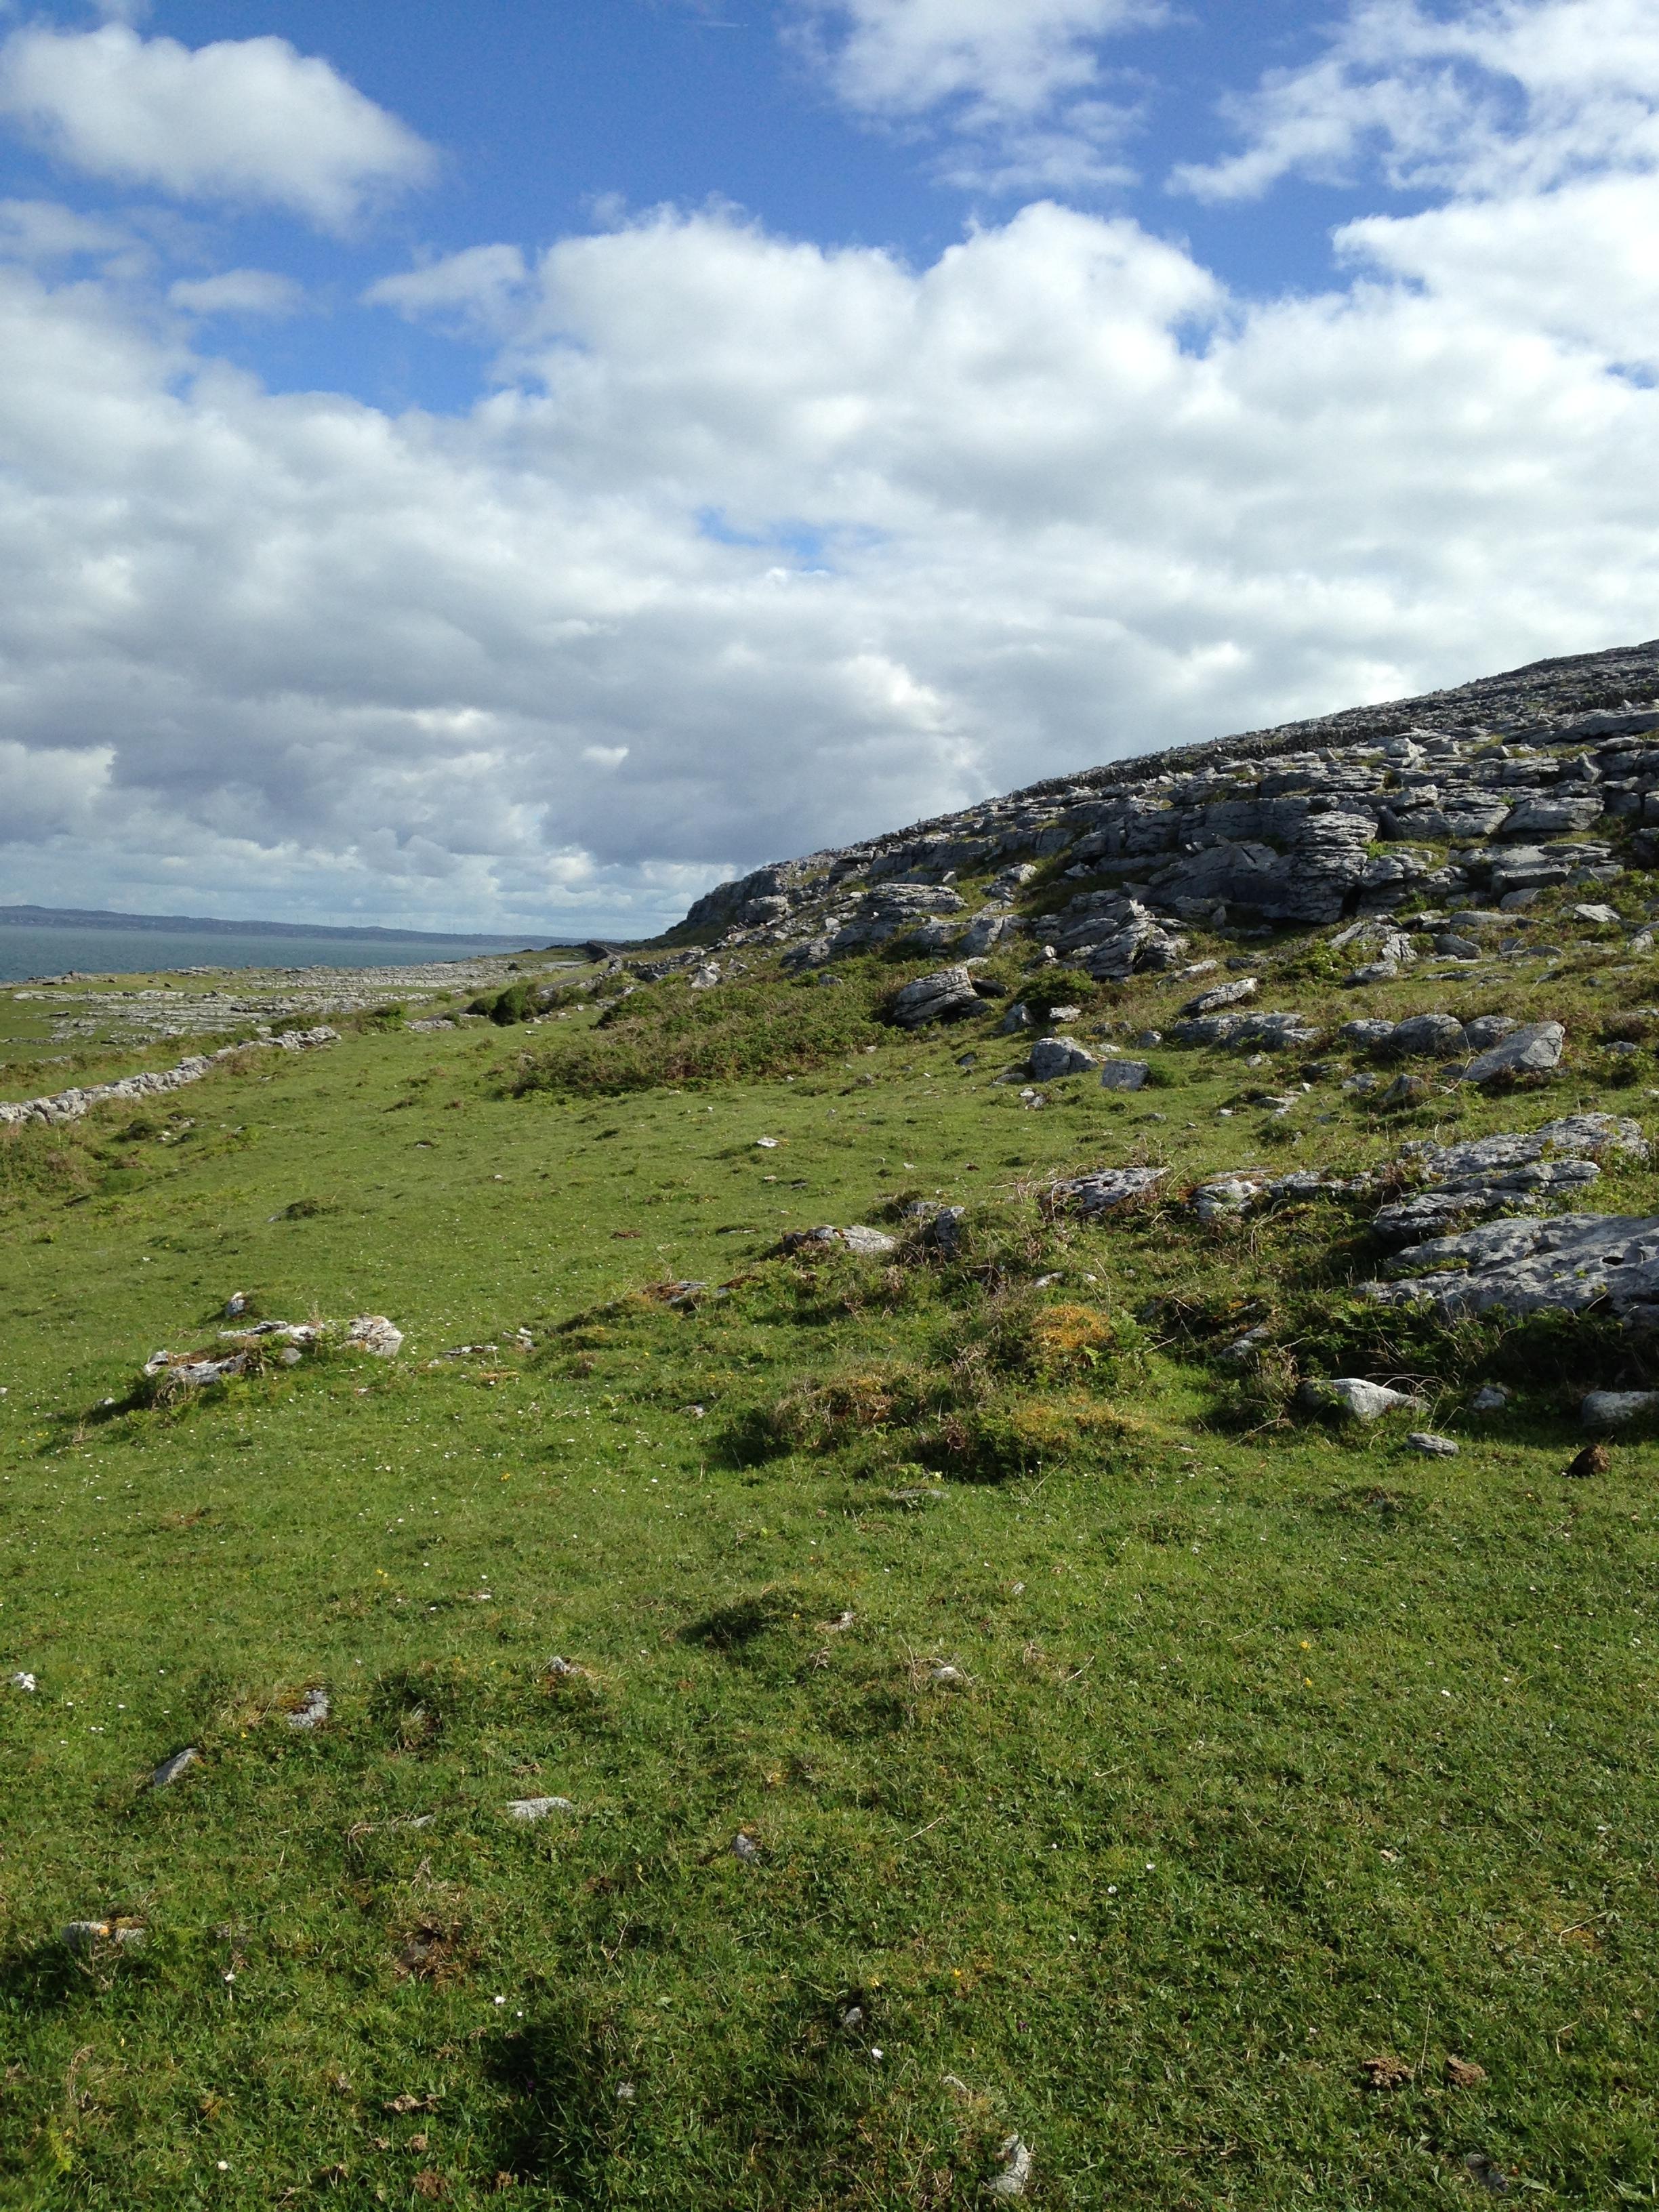 Ballyvaughn Mountainside (second view): Ballyvaughn Ireland